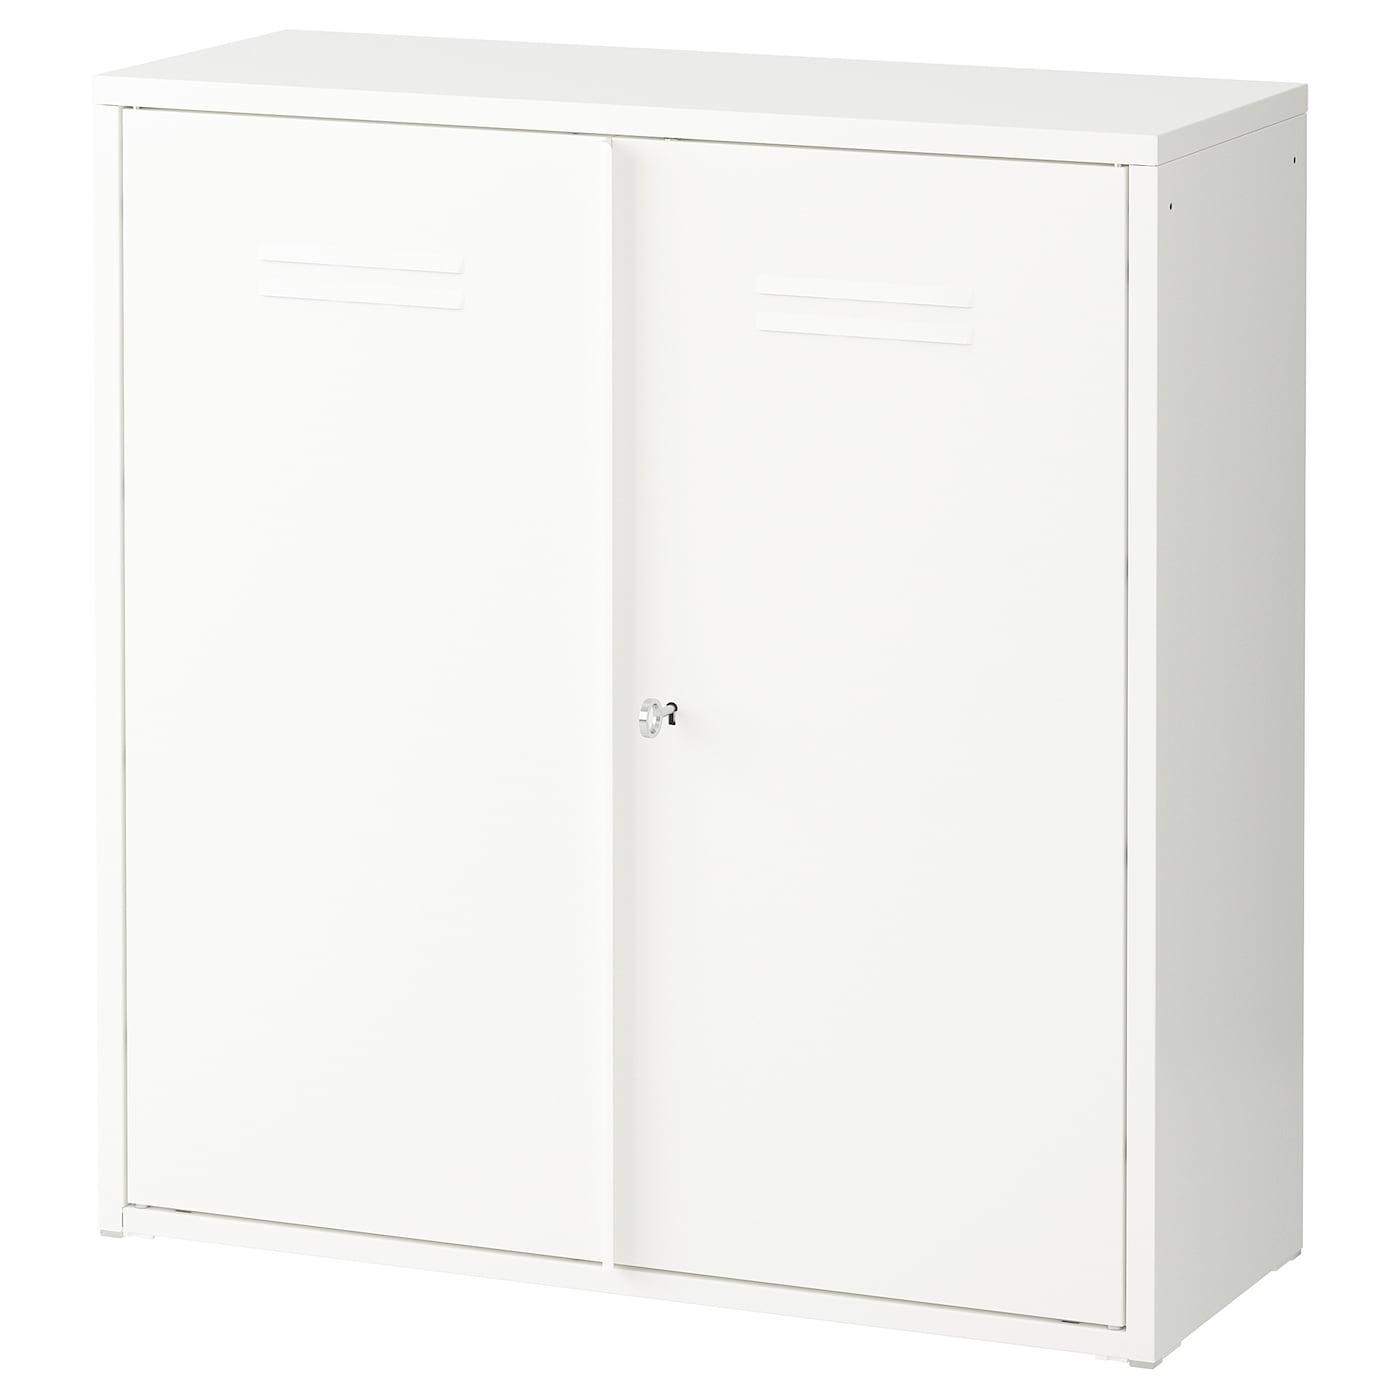 Witte Industriele Kast.Opbergkasten Ikea